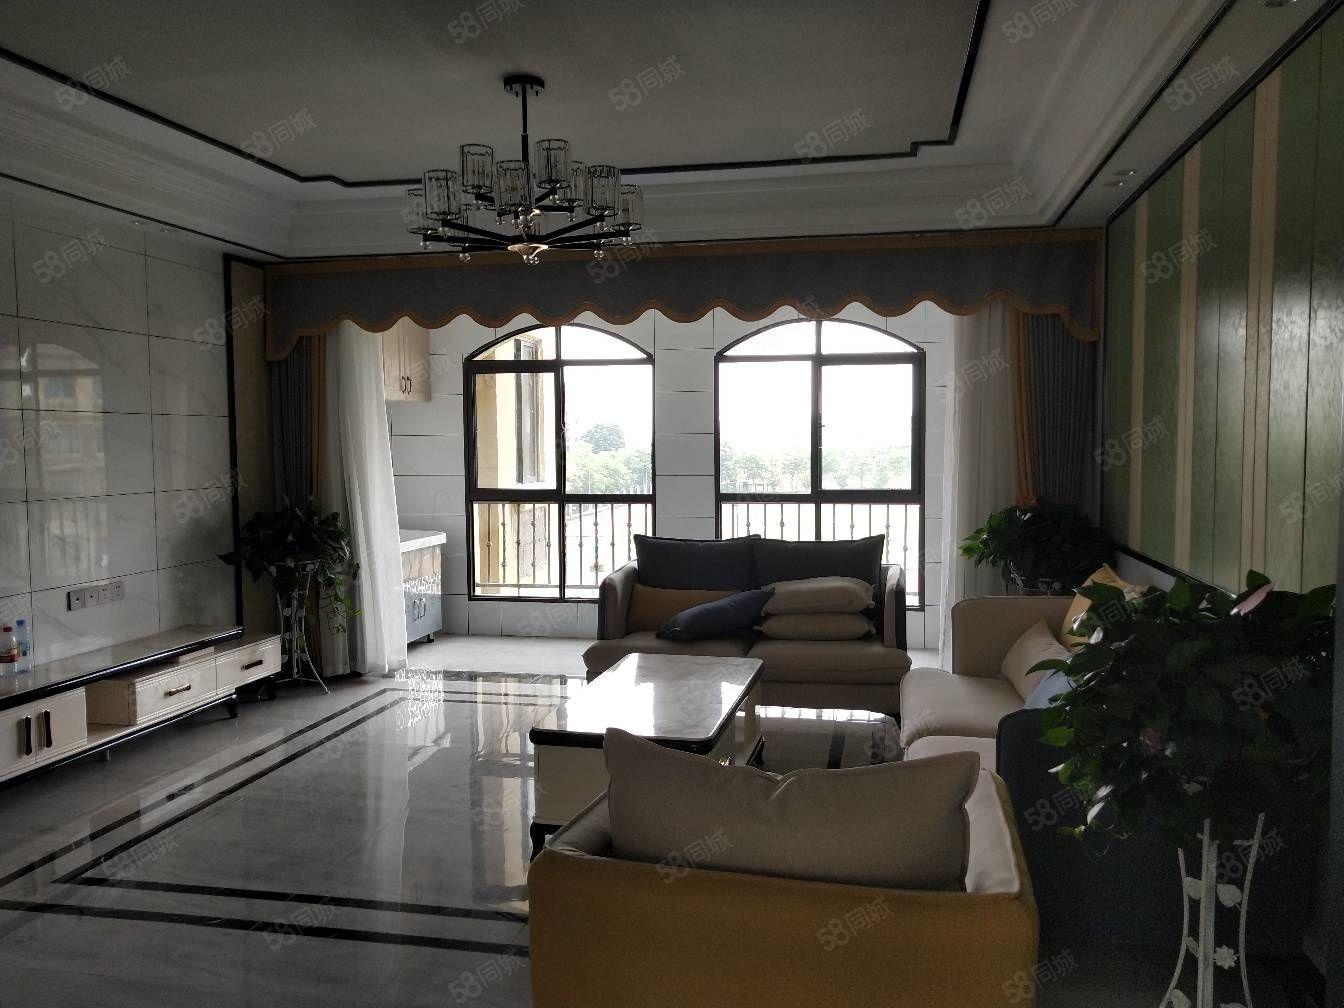 城開東郡花園洋房4房,豪華裝修,贈送面積超大房東誠售,帶學位